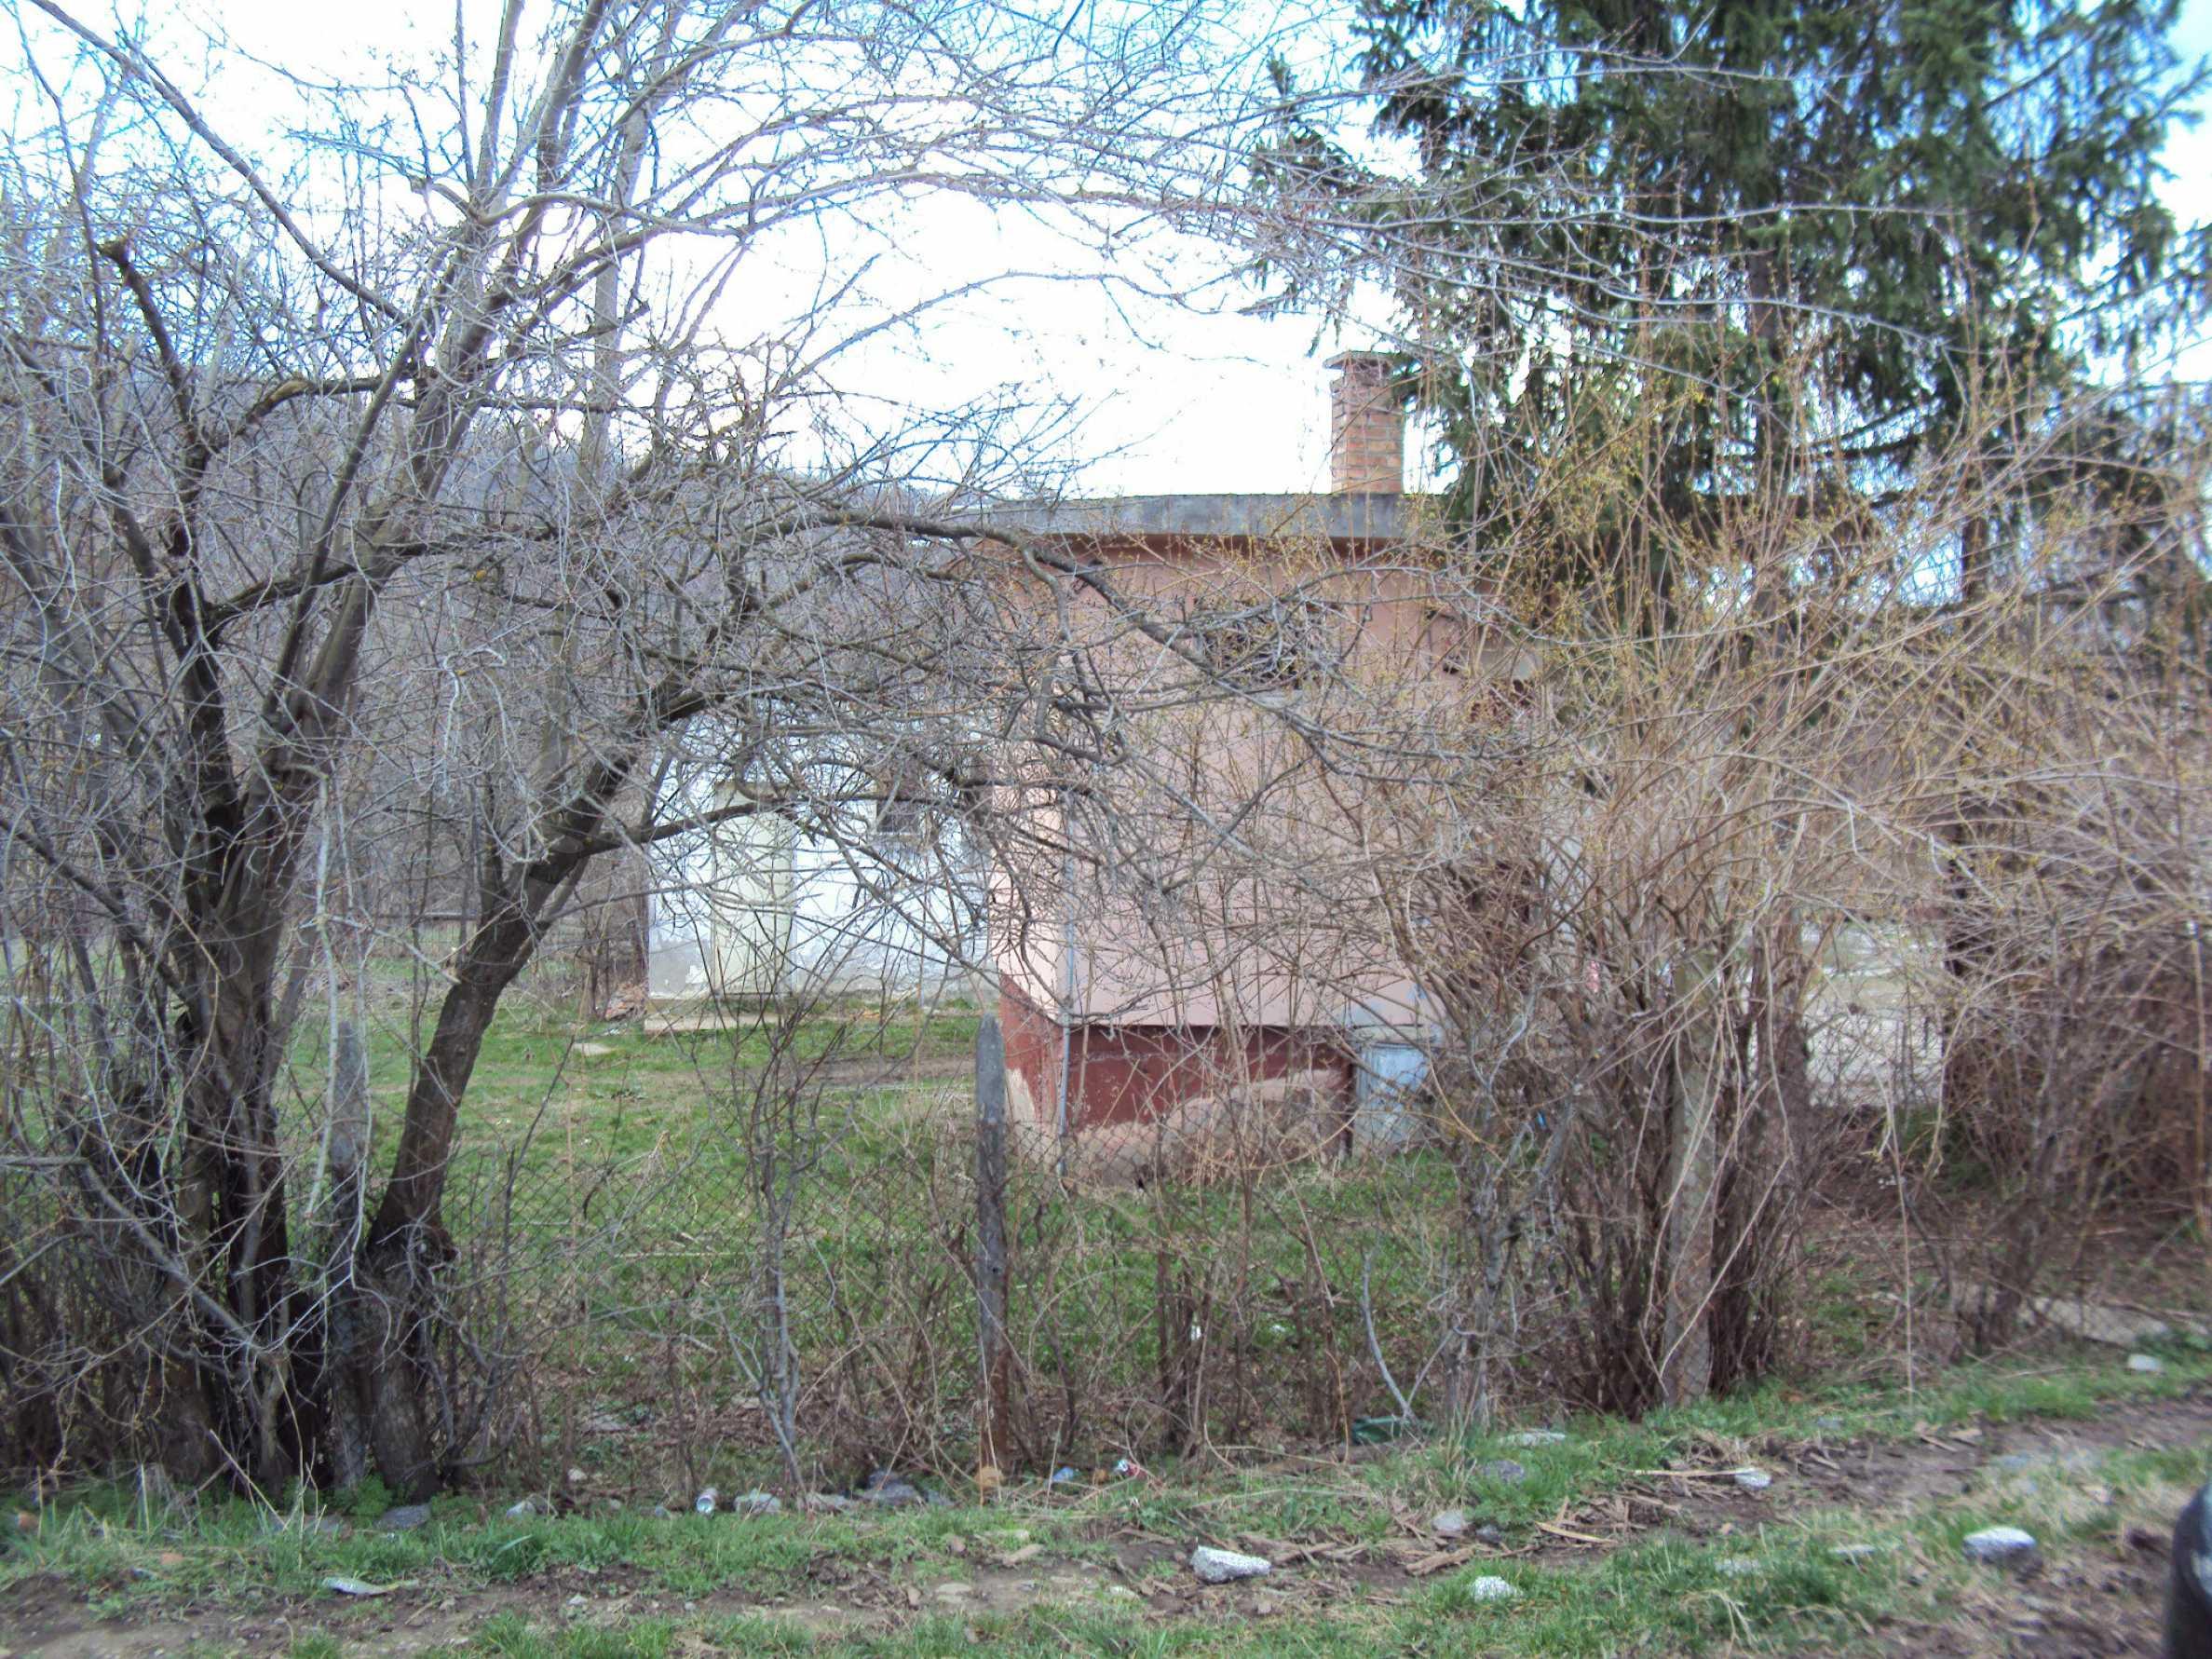 Ein Nebengebäude in einer kleinen Stadt 24 km von Veliko Tarnovo entfernt 19